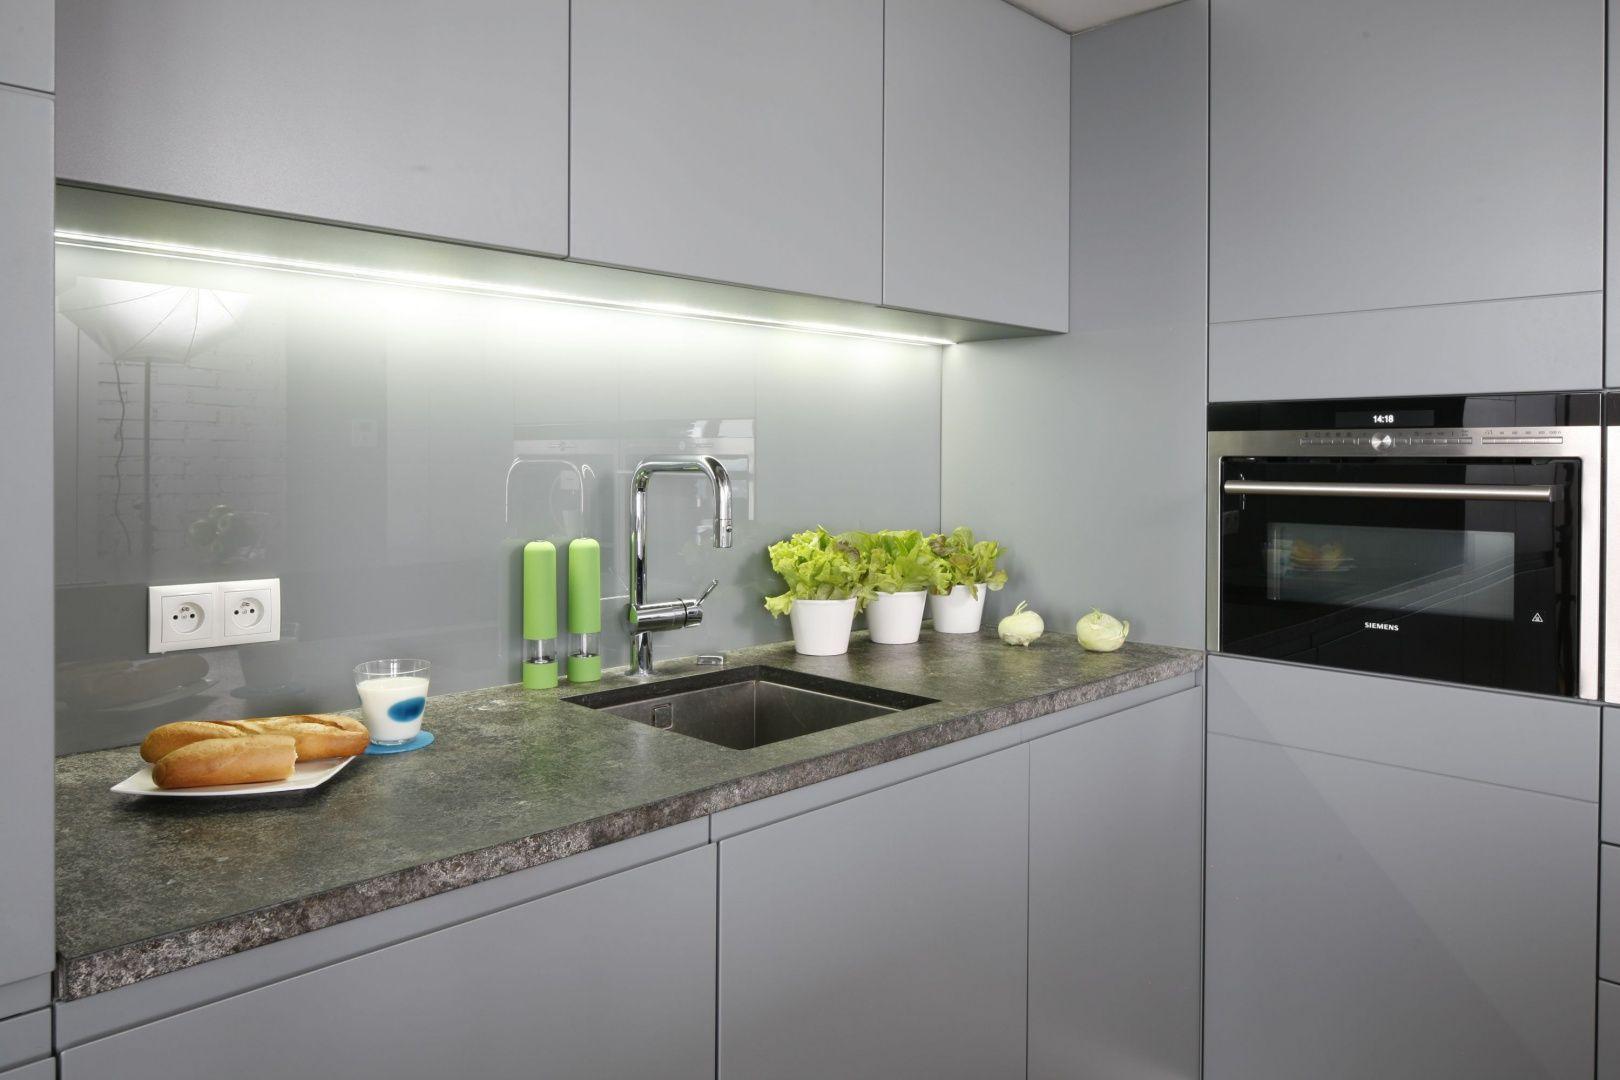 Szara Kuchnia Kitchen Kitchen Cabinets Home Decor